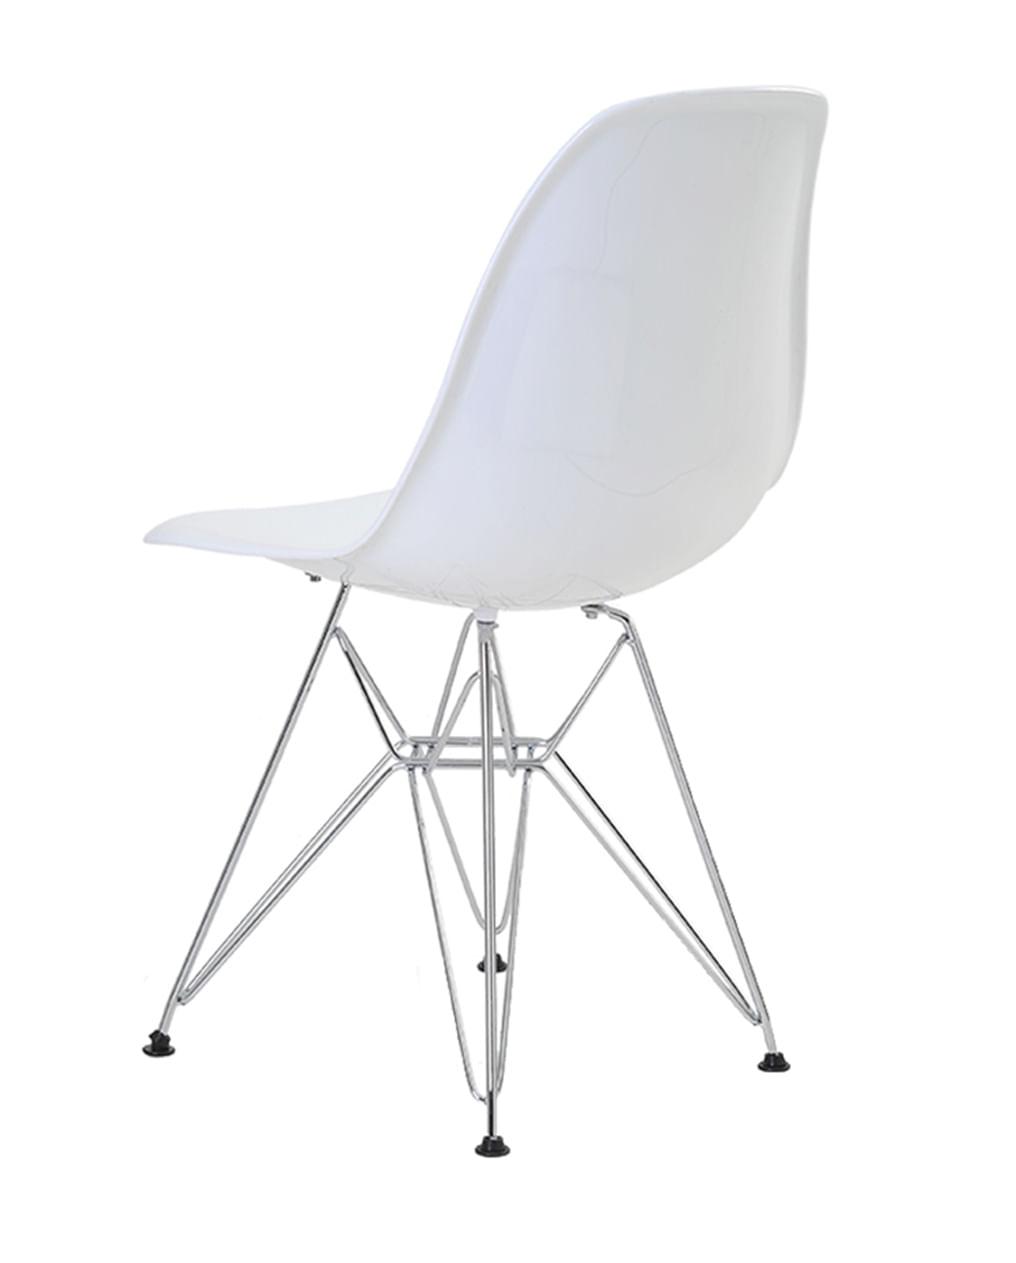 Cadeira Eames Eiffel Policarbonato Branco Solido Base Cromada - 44195